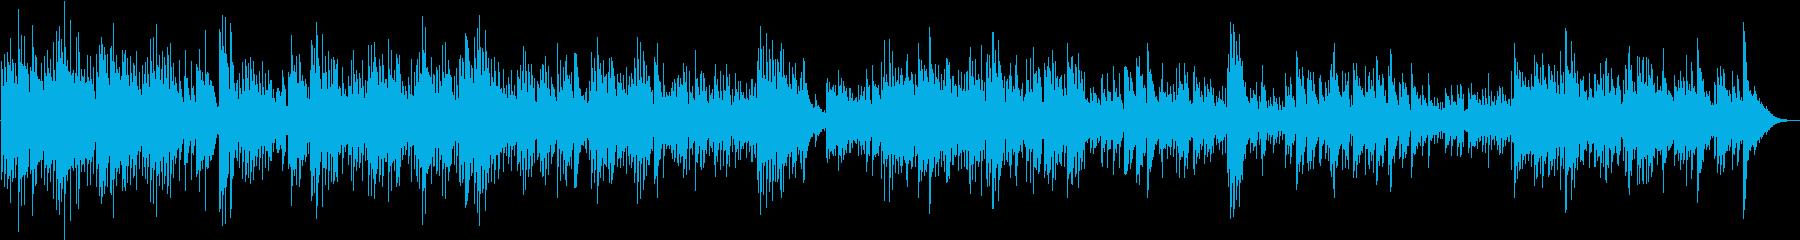 室内楽 アンビエント リラックス ...の再生済みの波形